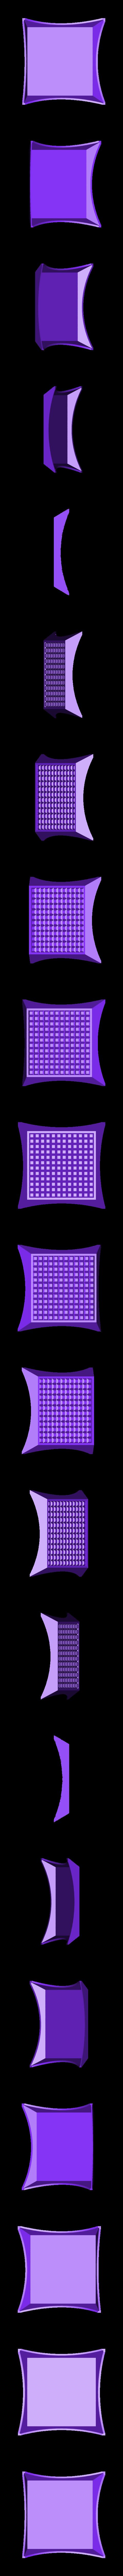 tray1.stl Télécharger fichier STL gratuit Tray 1 • Modèle pour imprimante 3D, Birk